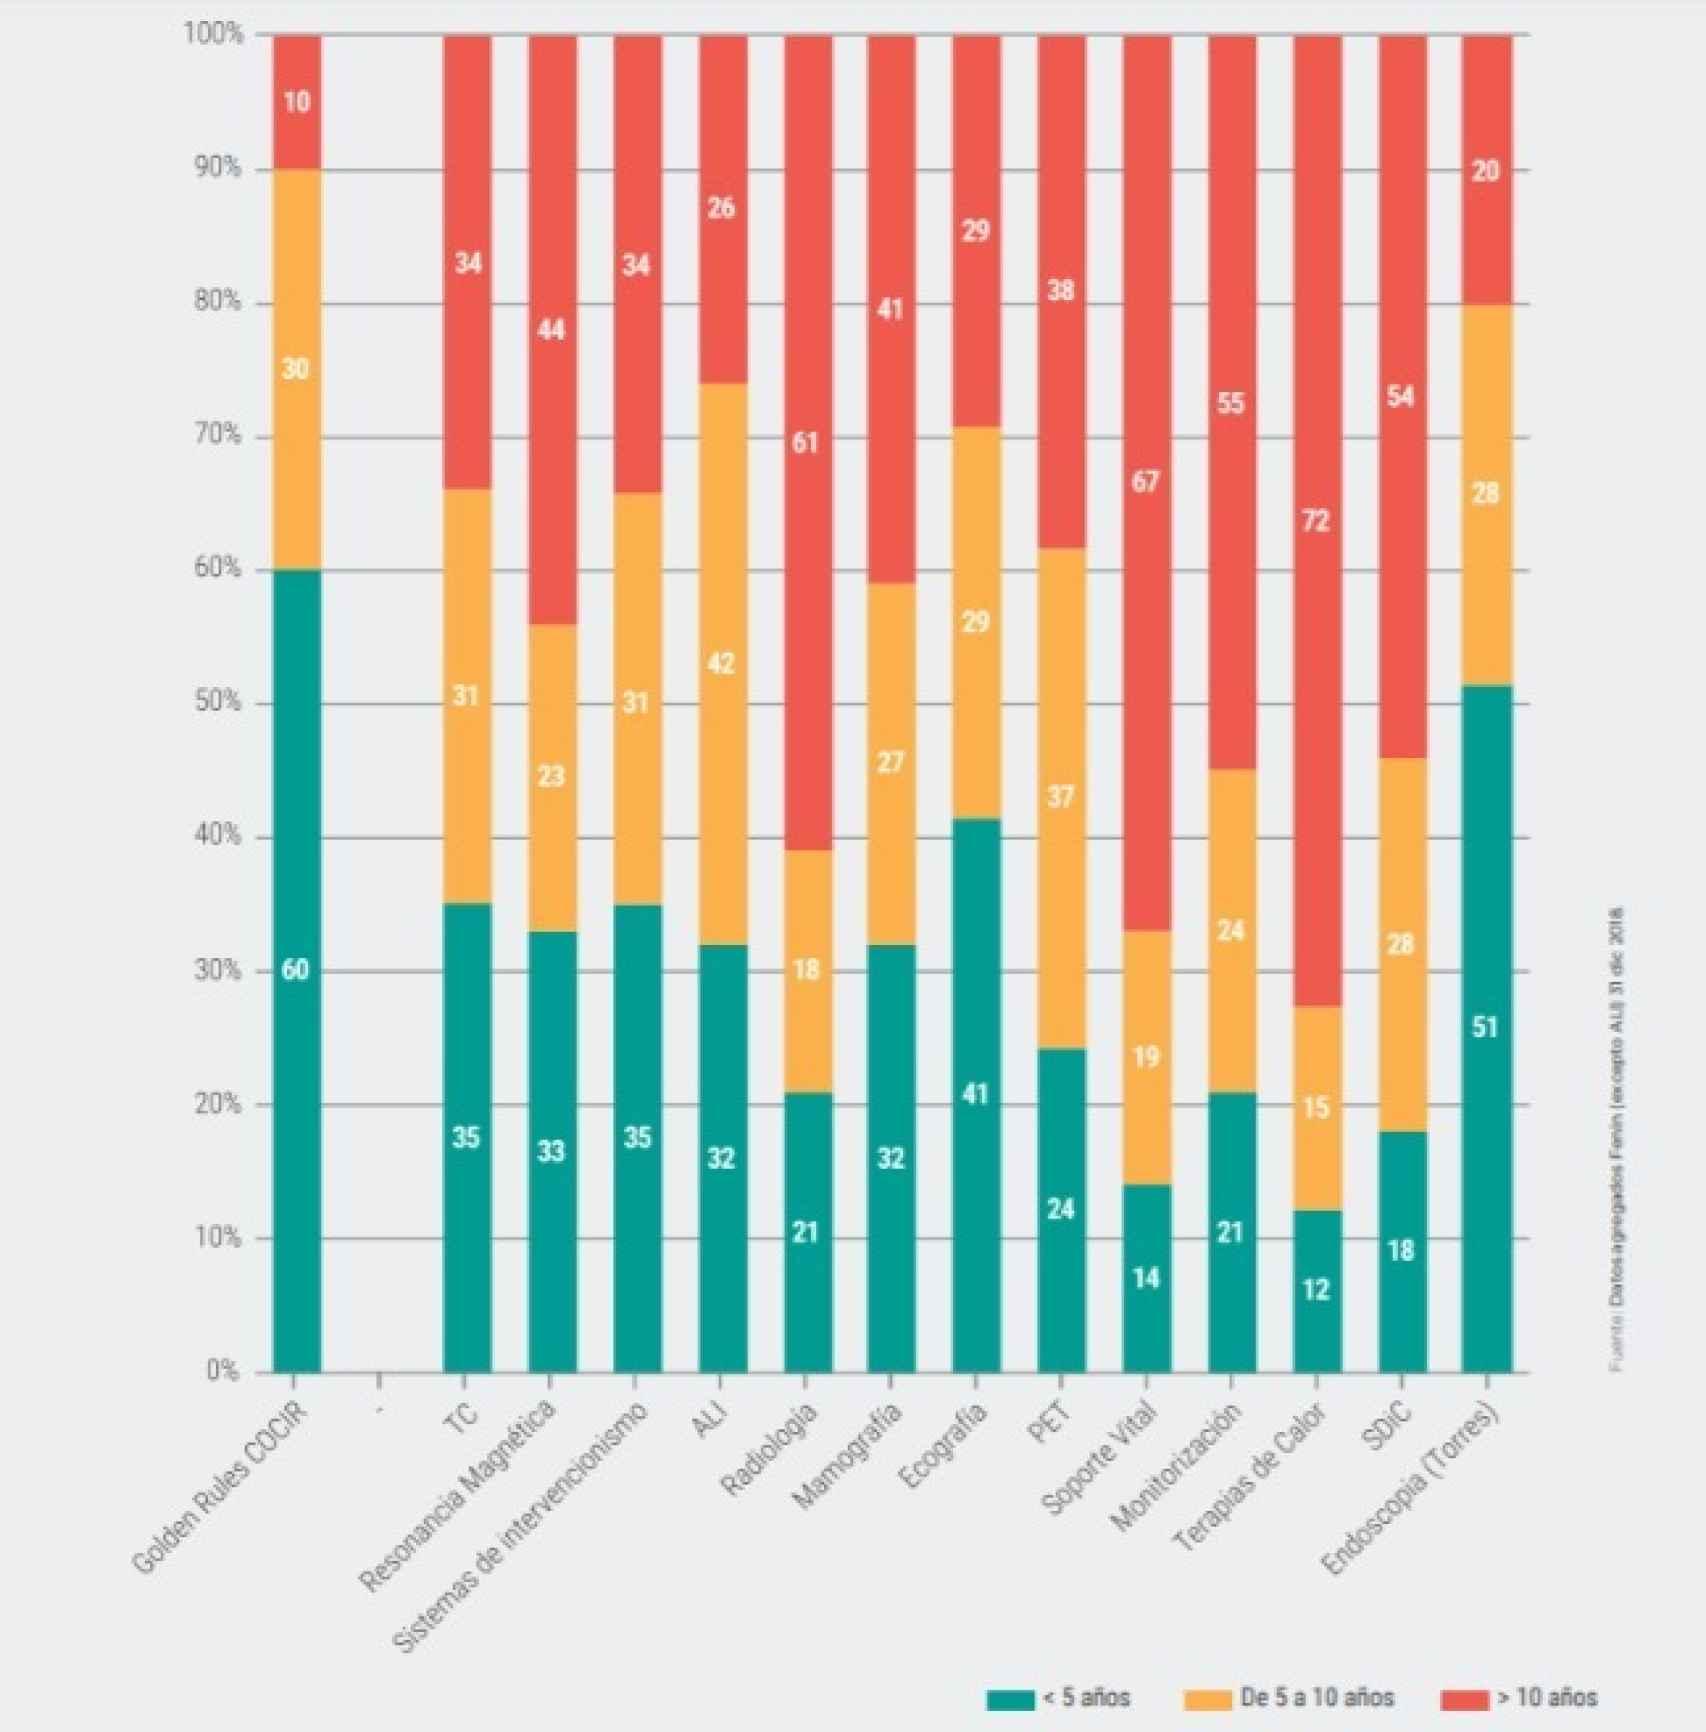 Rango de edad de la tecnología sanitaria instalada en España a finales de 2018. Fuente: Fenin.